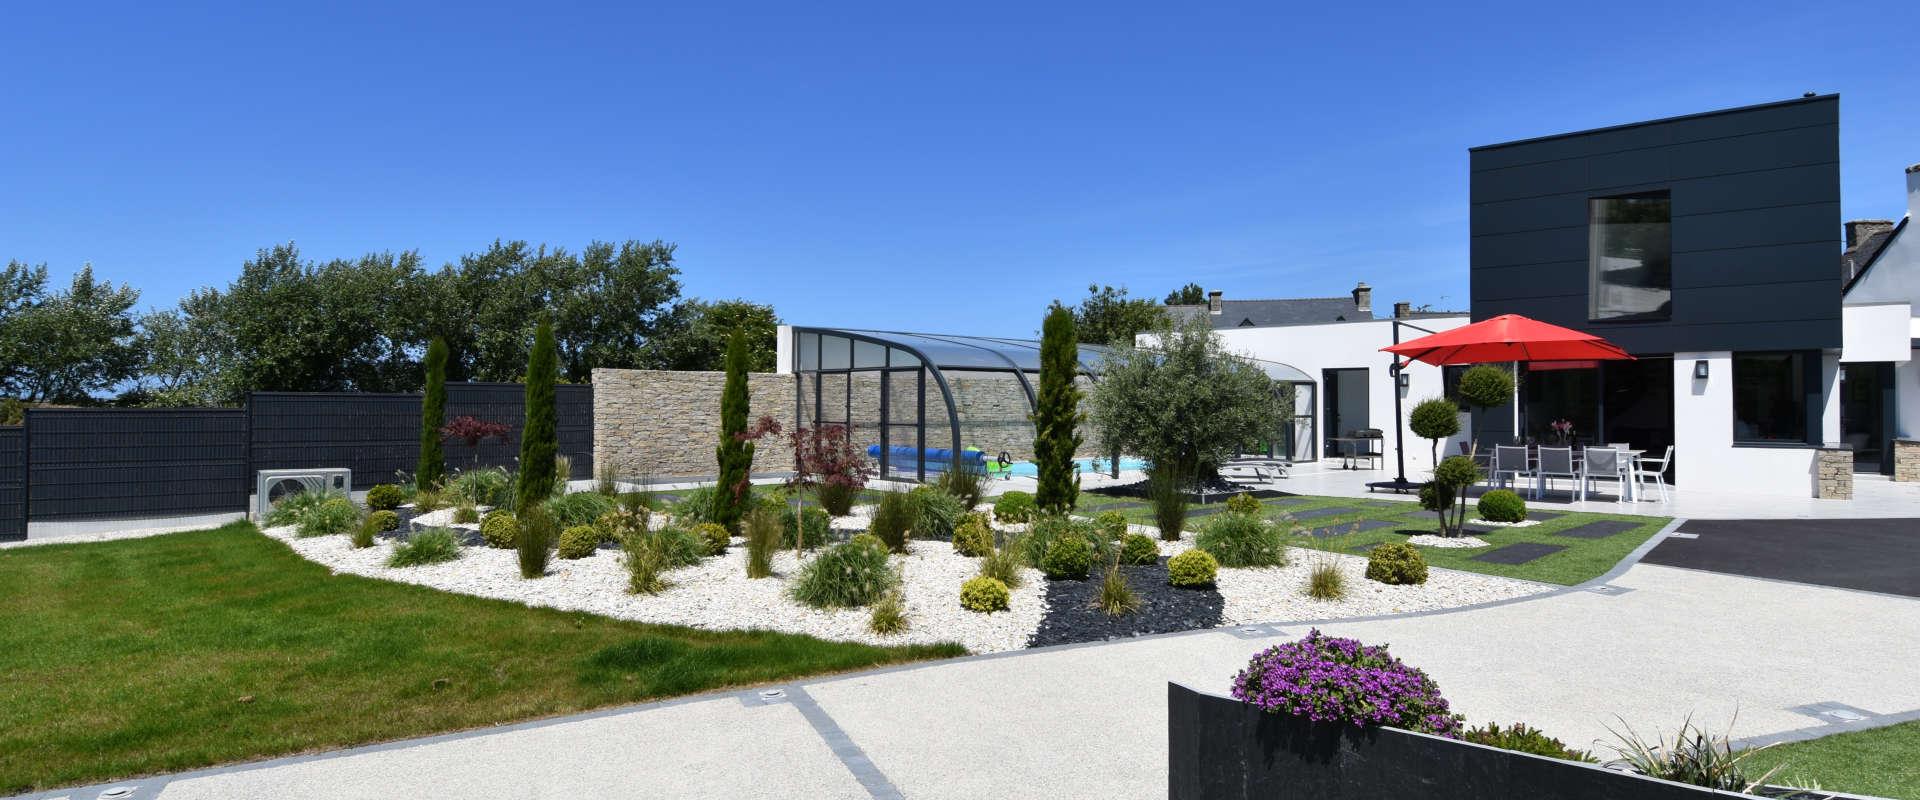 kersauzon-1depuis-le-fond-du-jardin.jpg